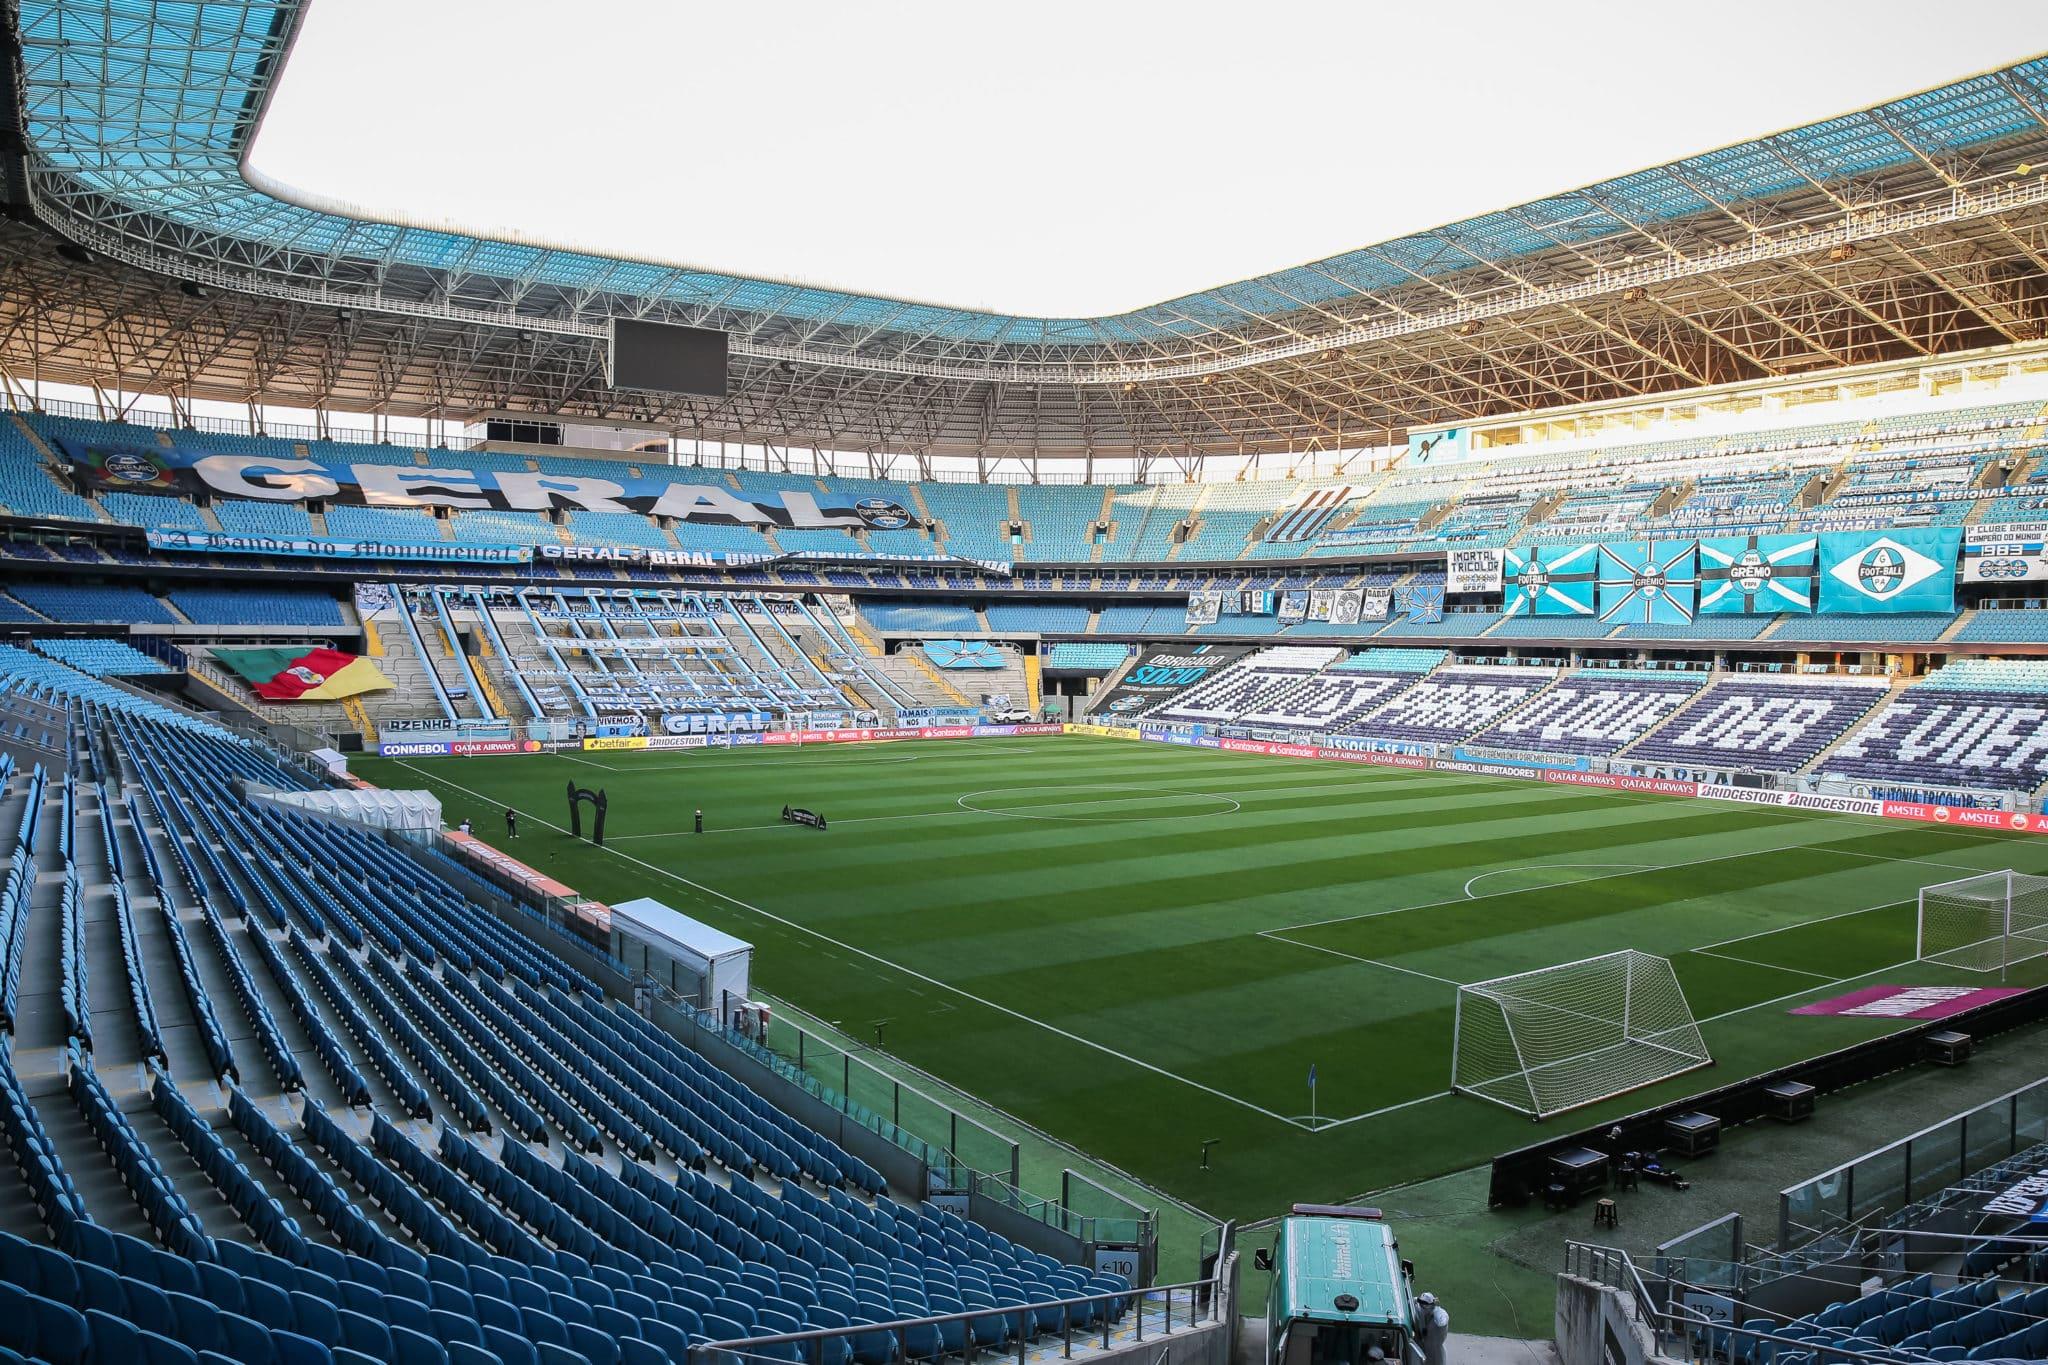 Com alvos distintos, Grêmio e Bahia se enfrentam na noite deste sábado (21), às 19h, na Arena do Grêmio, em Porto Alegre-RS